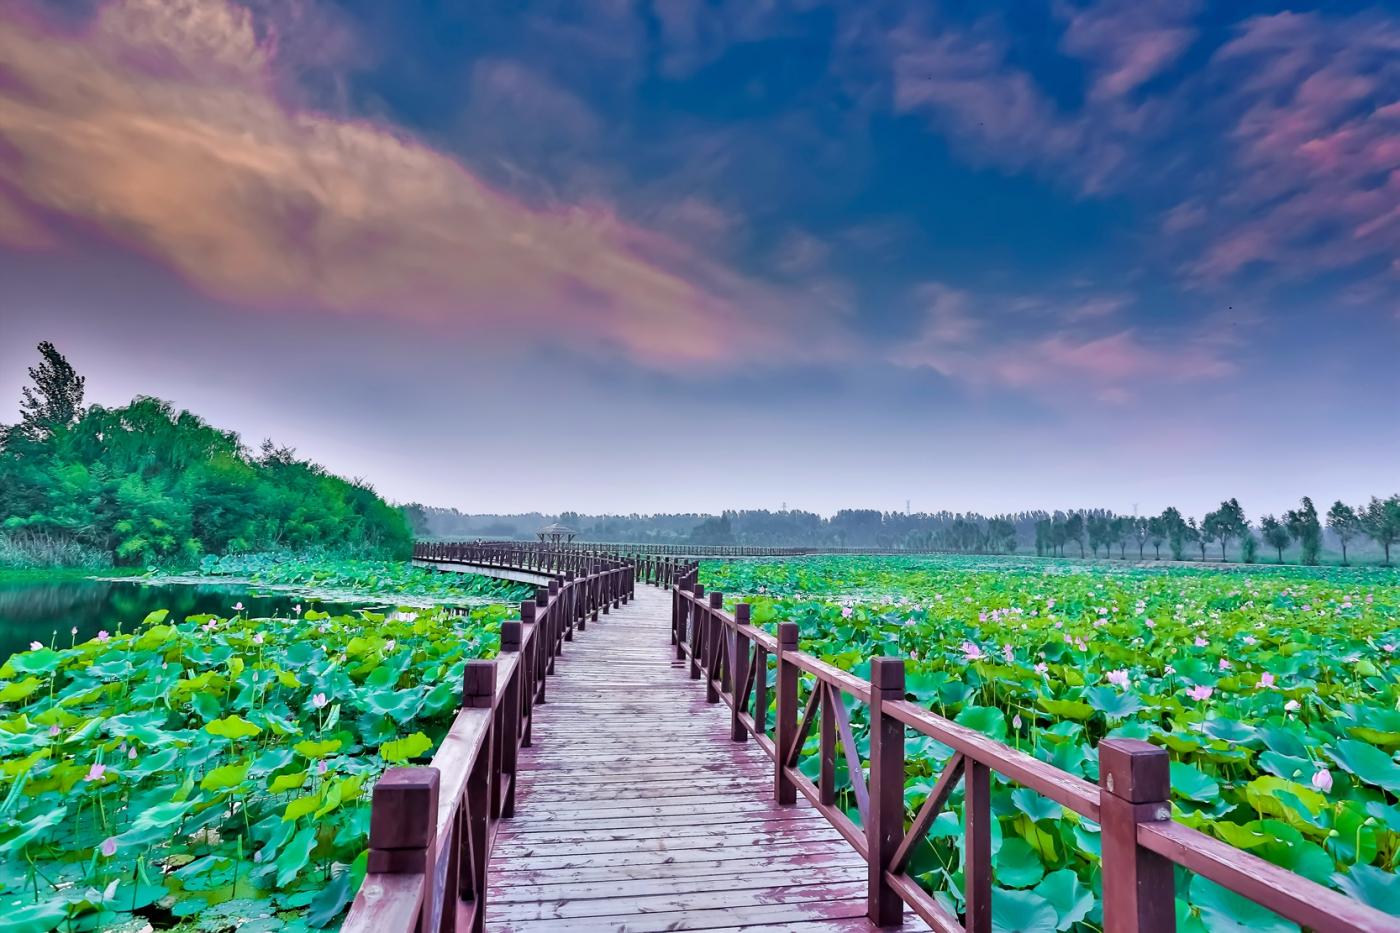 早晨的祥云印照下的临沂黄山武河湿地红荷园_图1-13